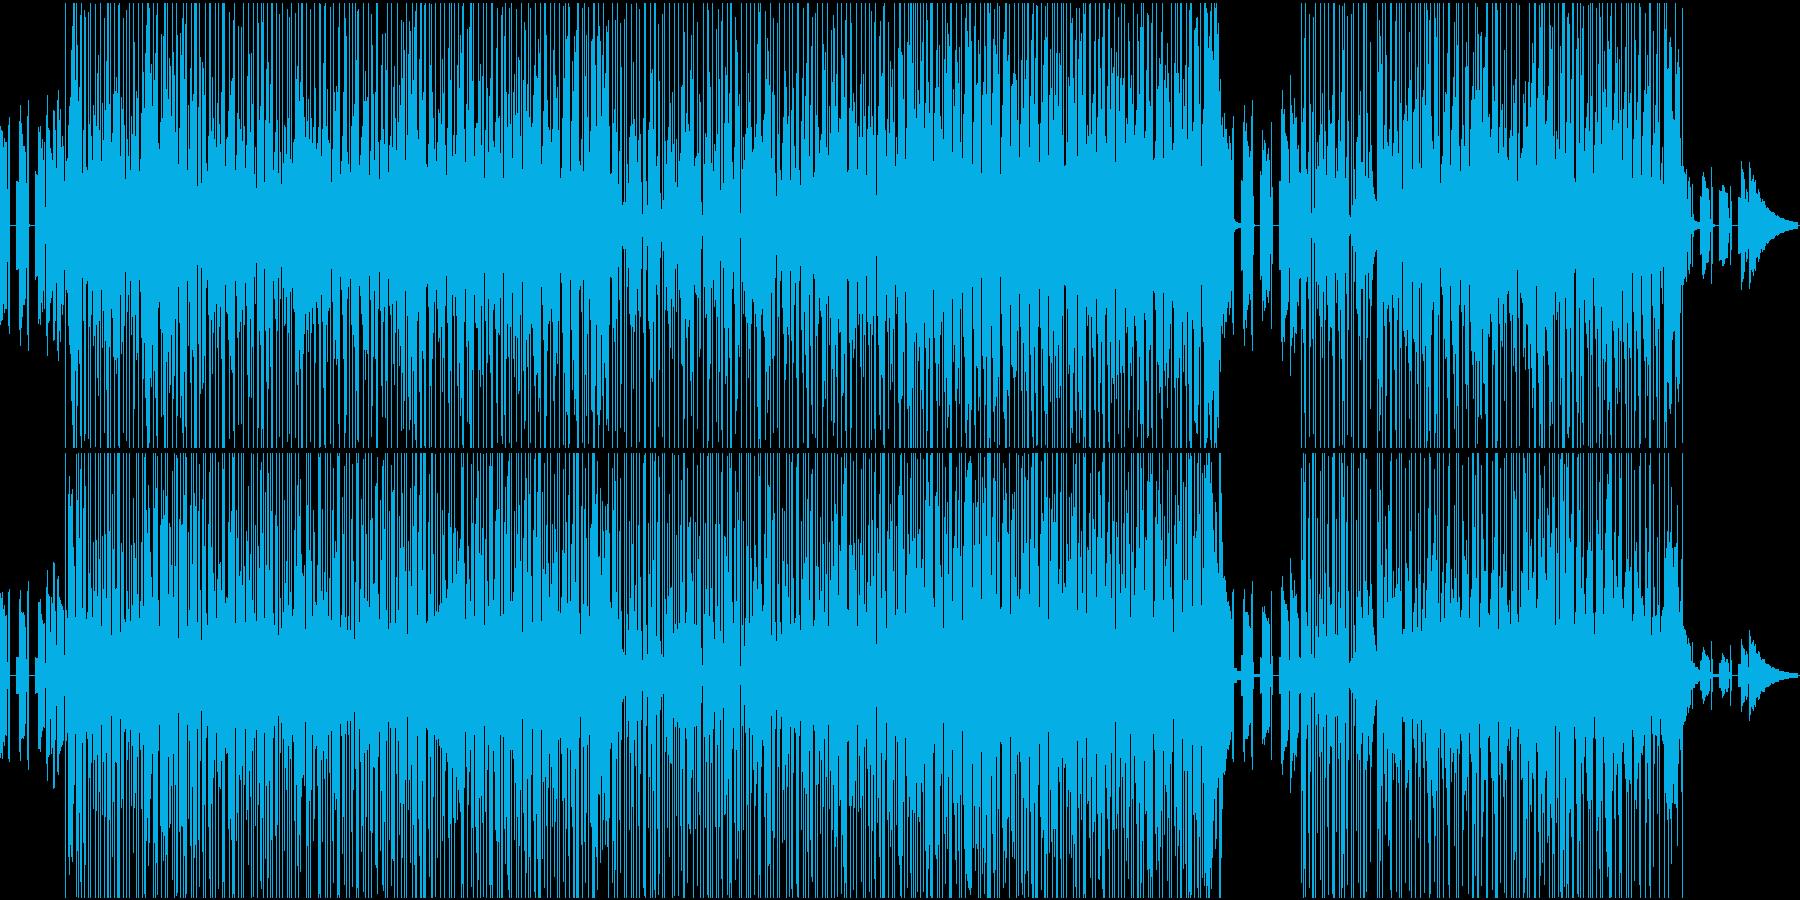 コード感のおしゃれなポップスの再生済みの波形